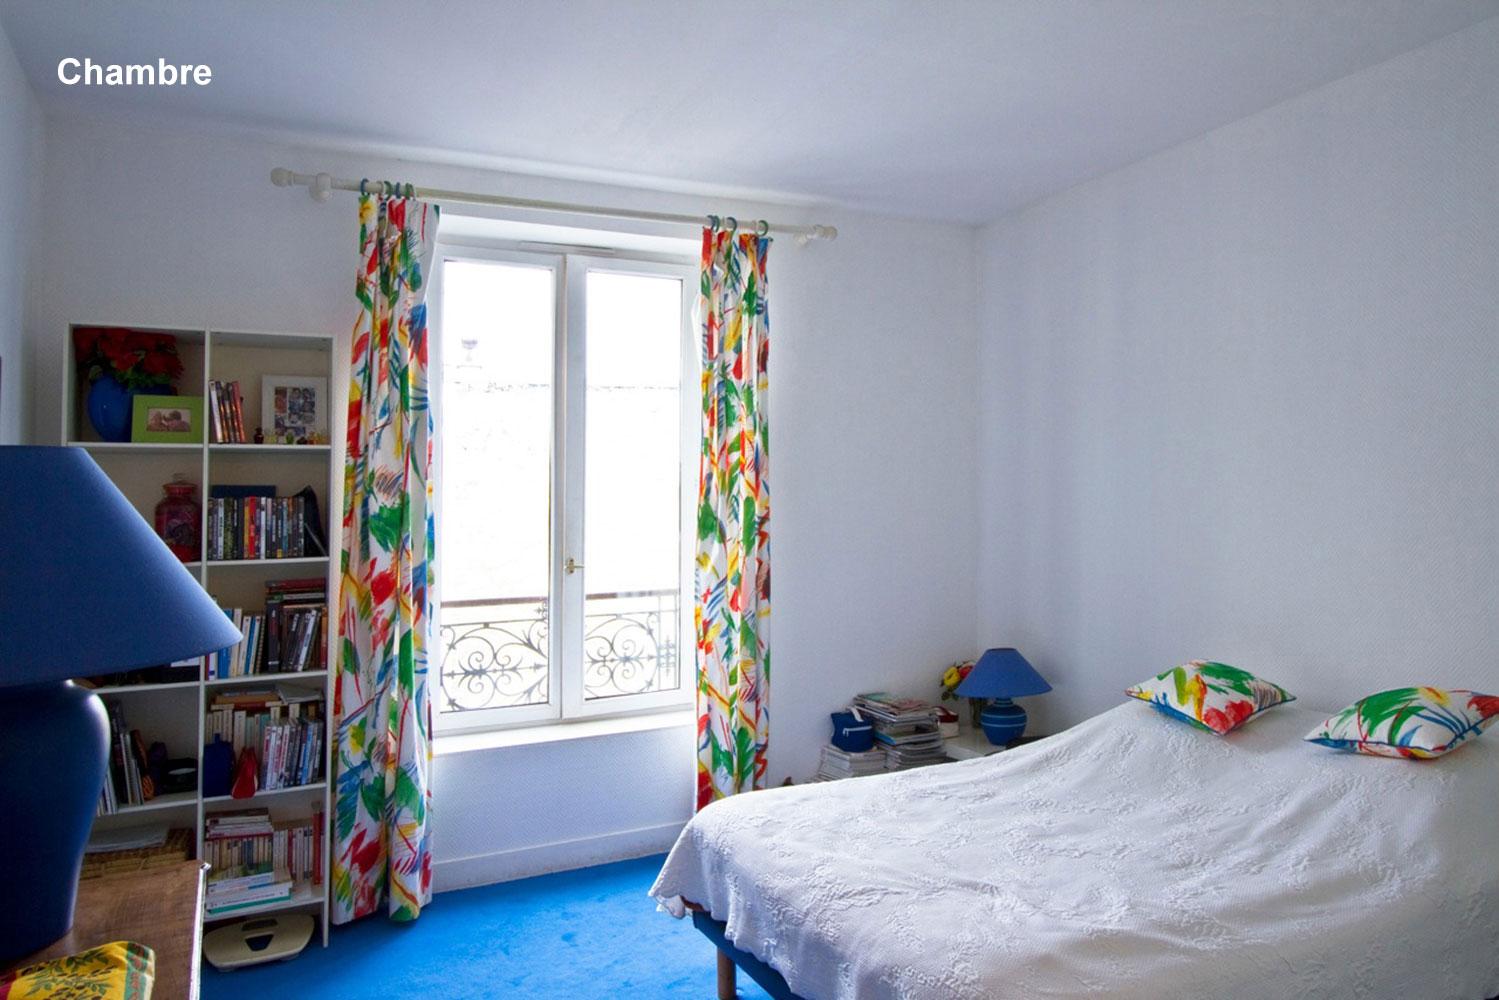 projet-paris-desiron-lizen-photographie-Guillaume-Dutreix-Paris26.jpg